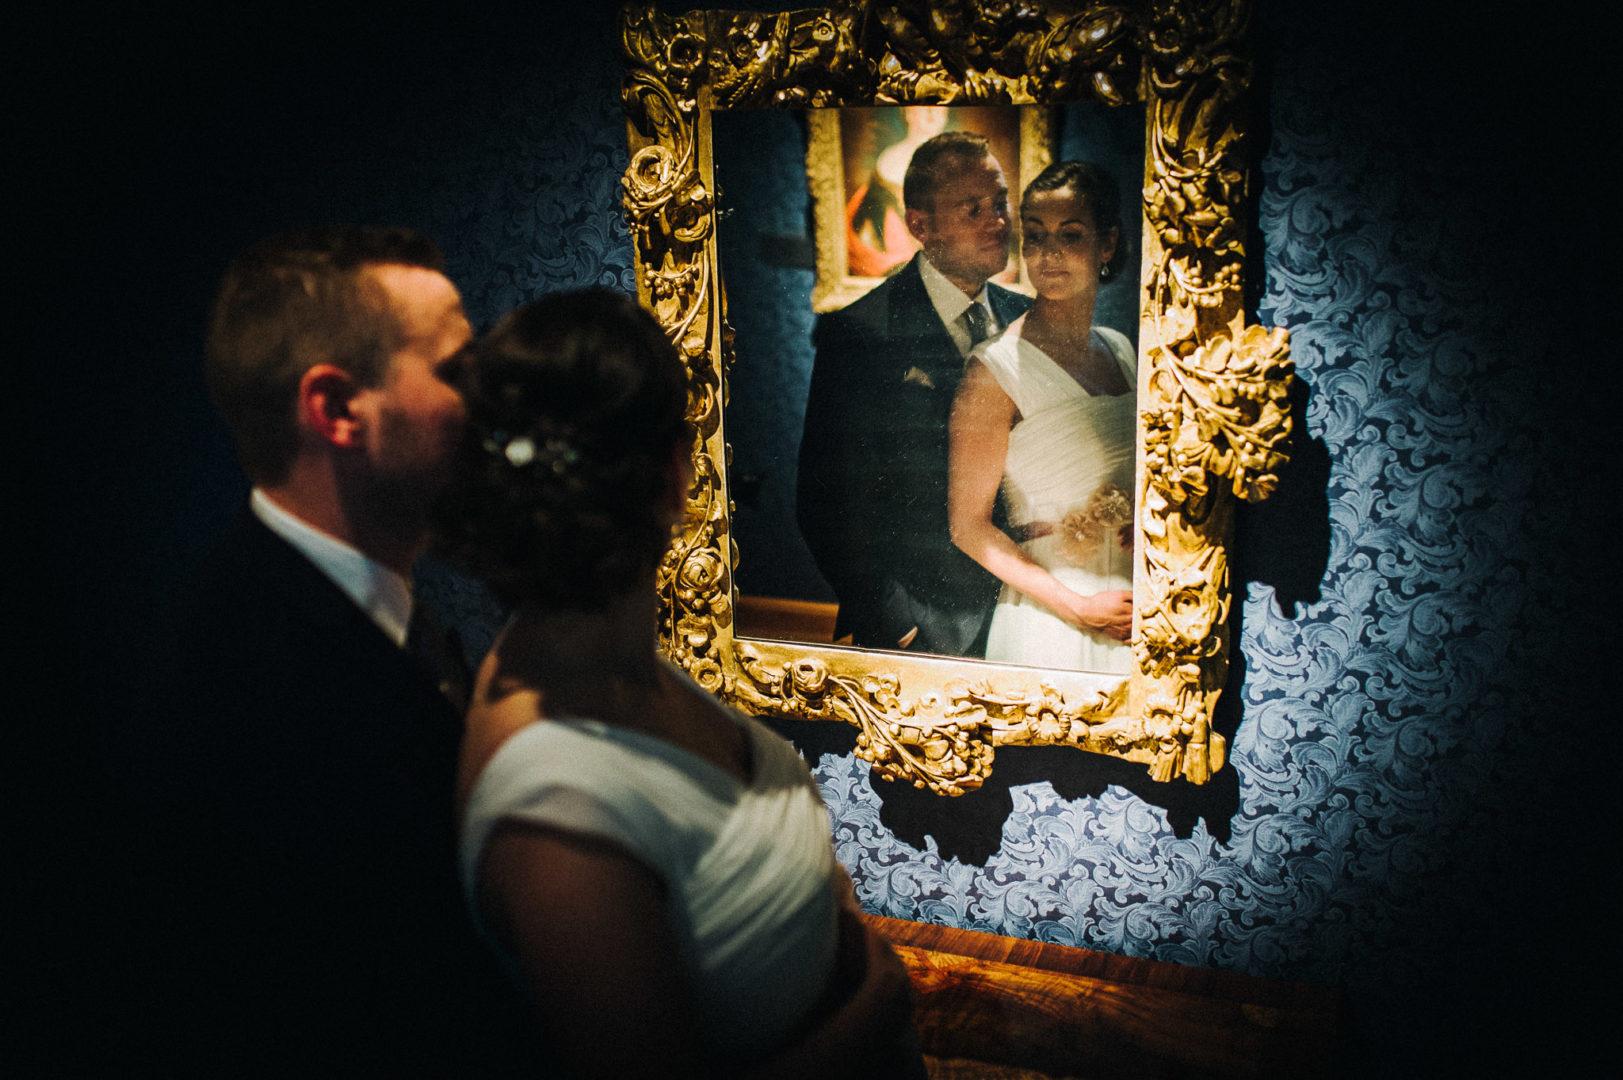 Brautpaar im Spiegel im Schloss Agathenburg